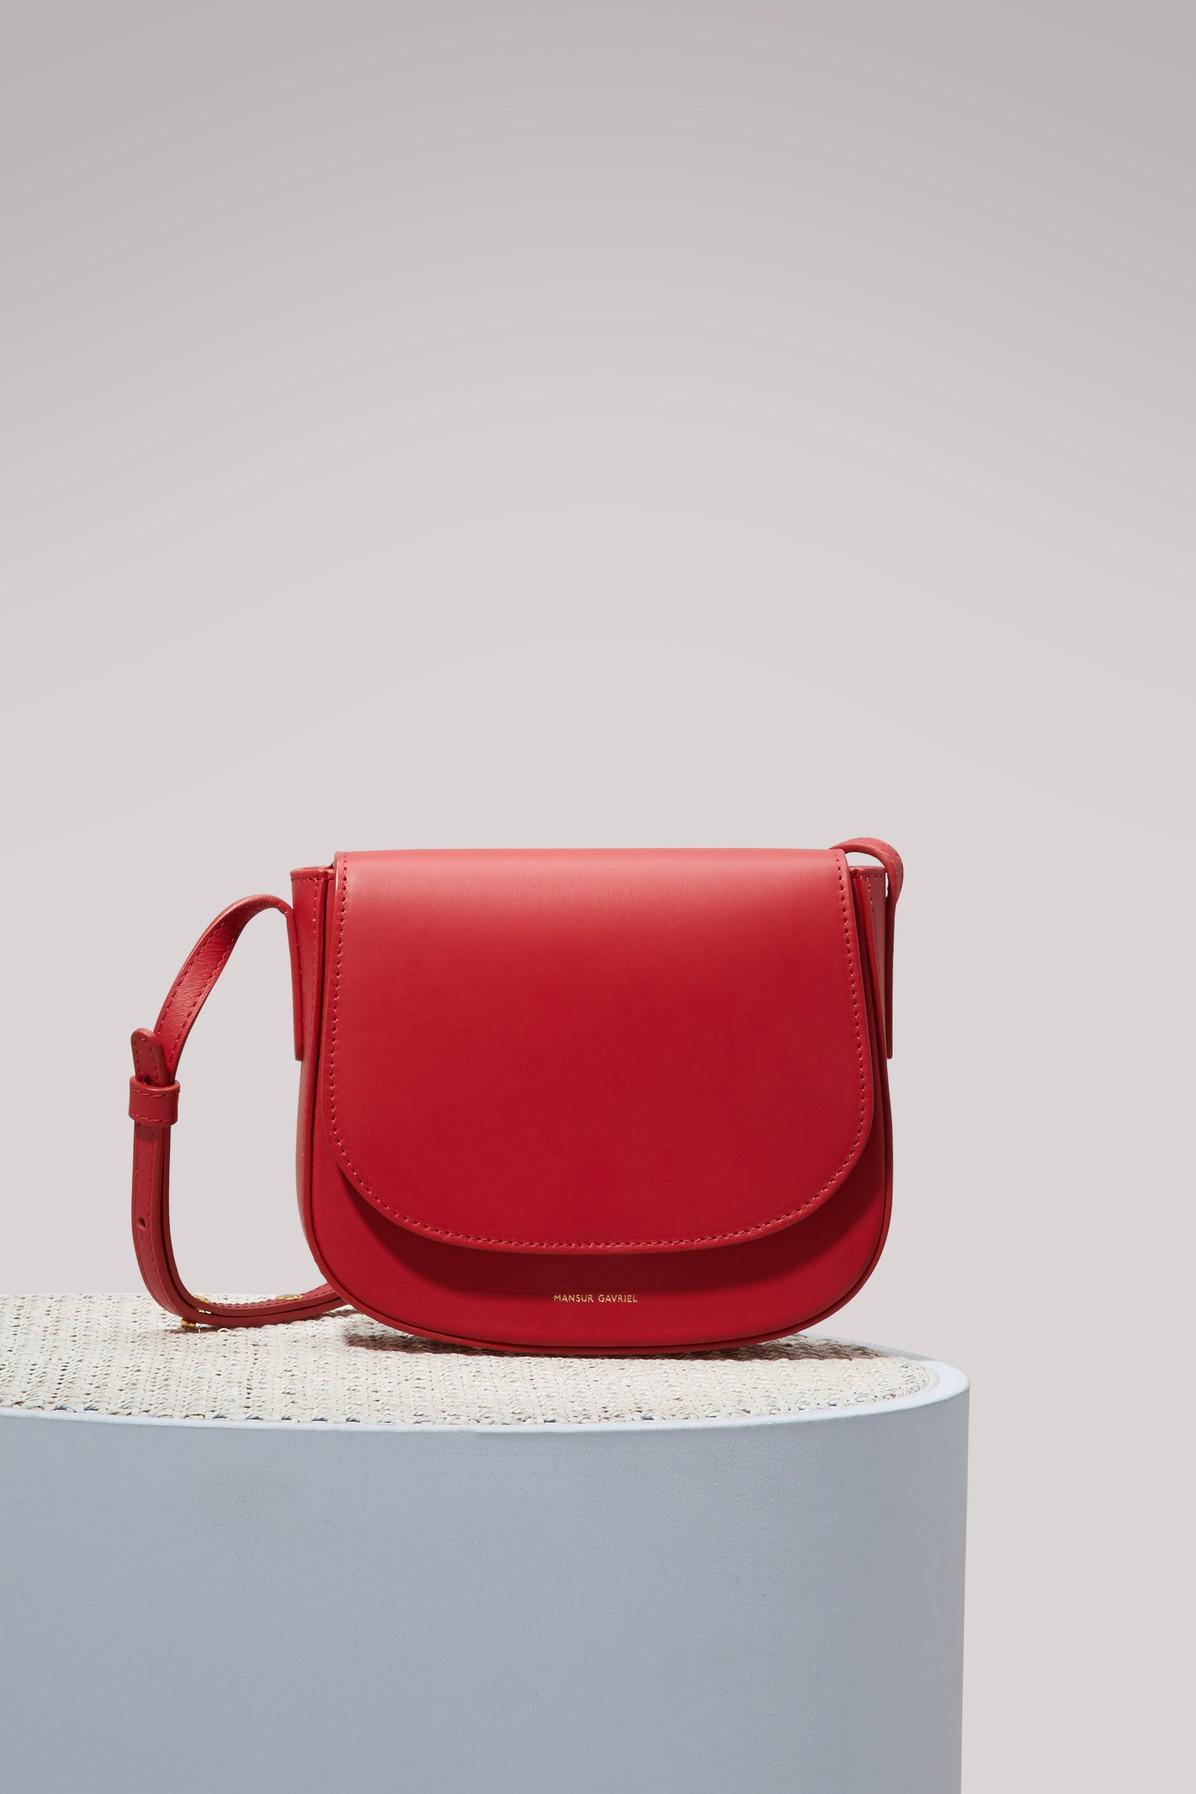 bafaa2b348e7 Lyst - Mansur Gavriel Calfskin Leather Mini Crossbody Bag in Red